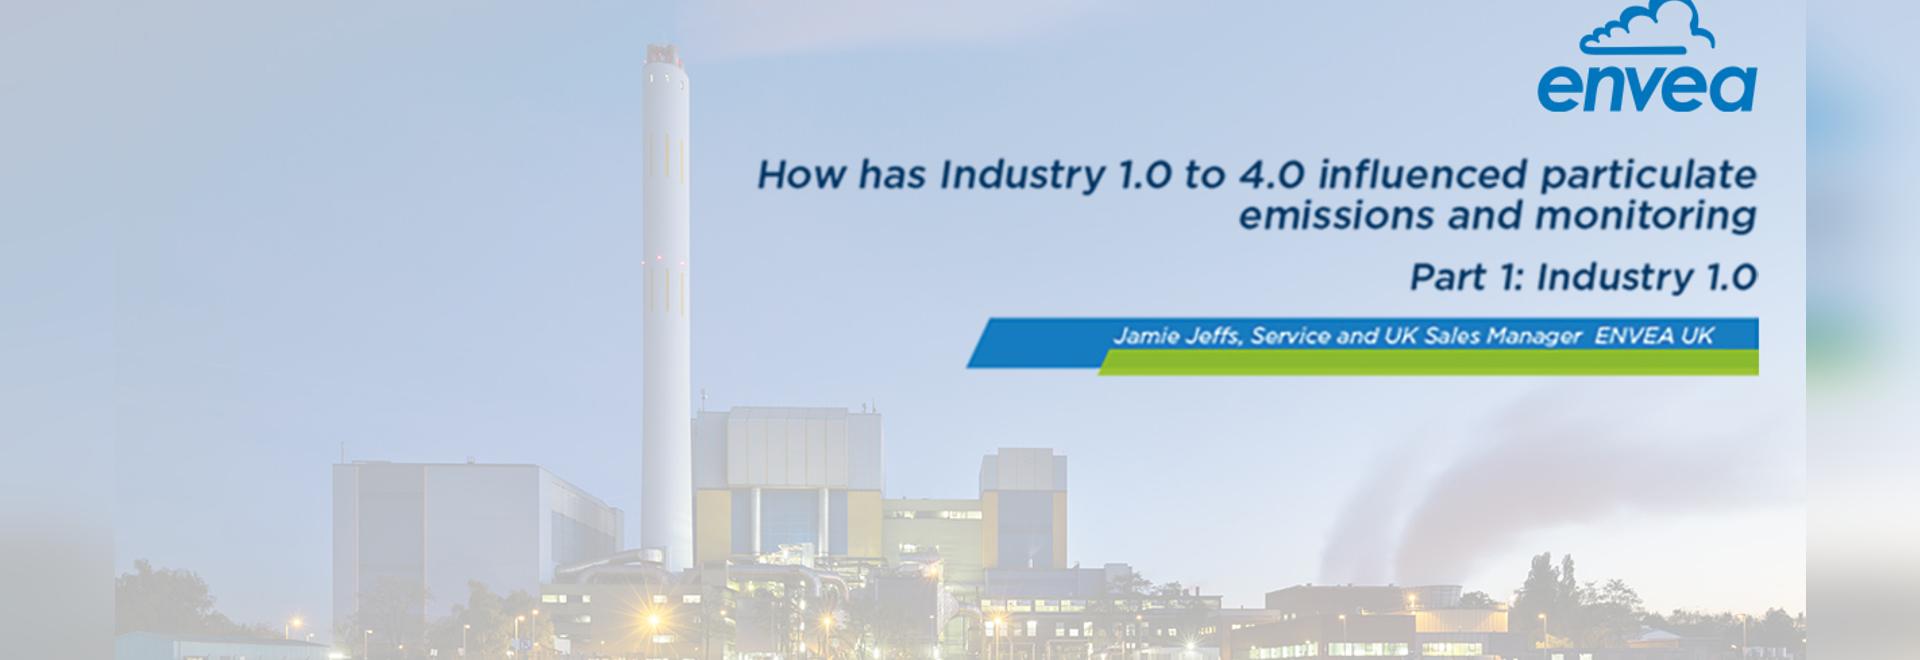 Comment l'industrie 1.0 à 4.0 a-t-elle influencé les émissions et la surveillance des particules ?